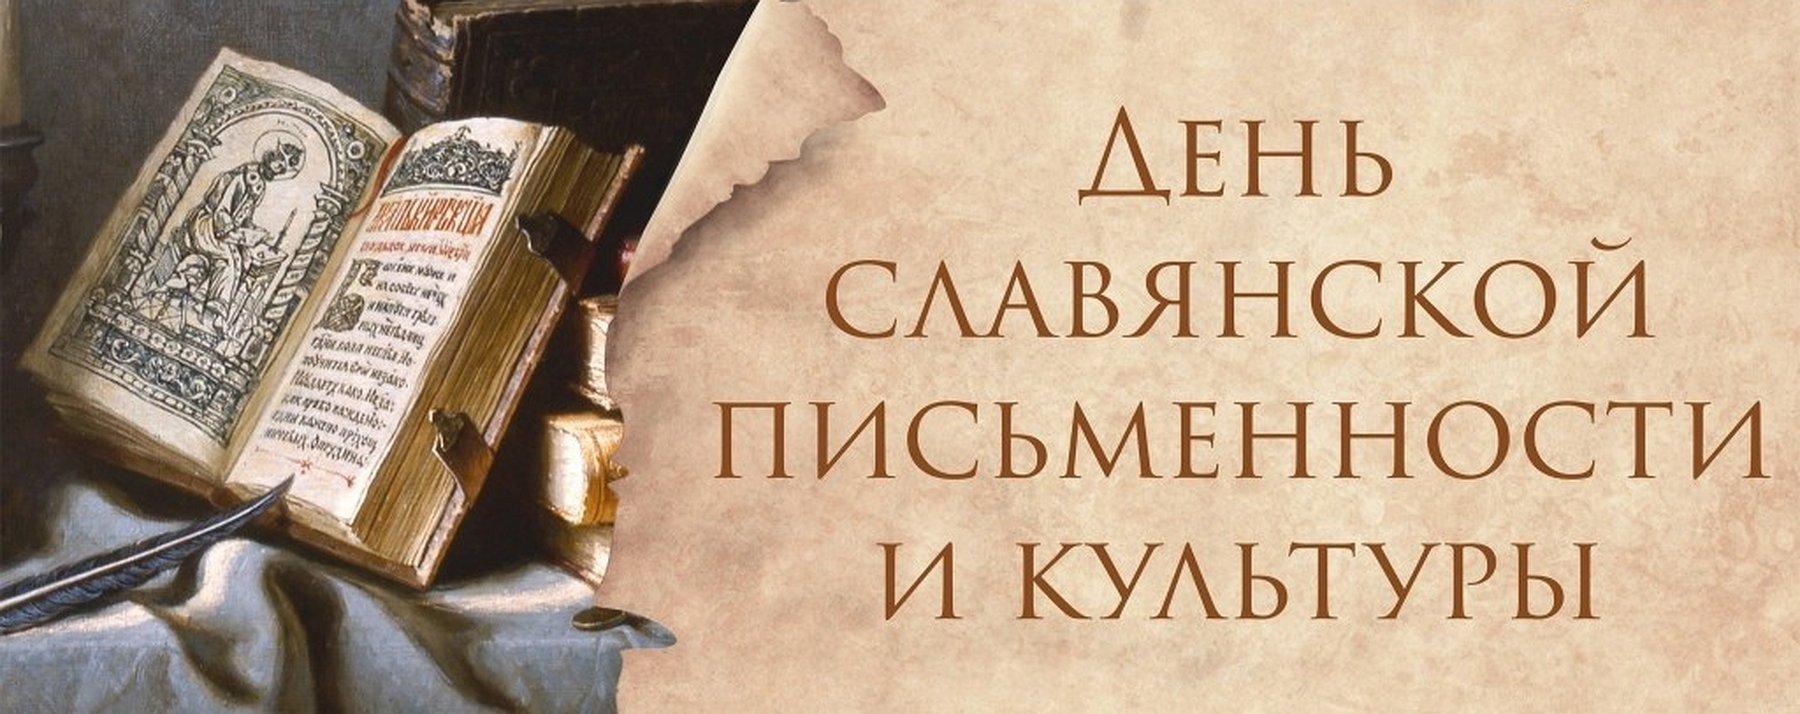 Любимый мужчина, день славянской письменности картинки для презентации